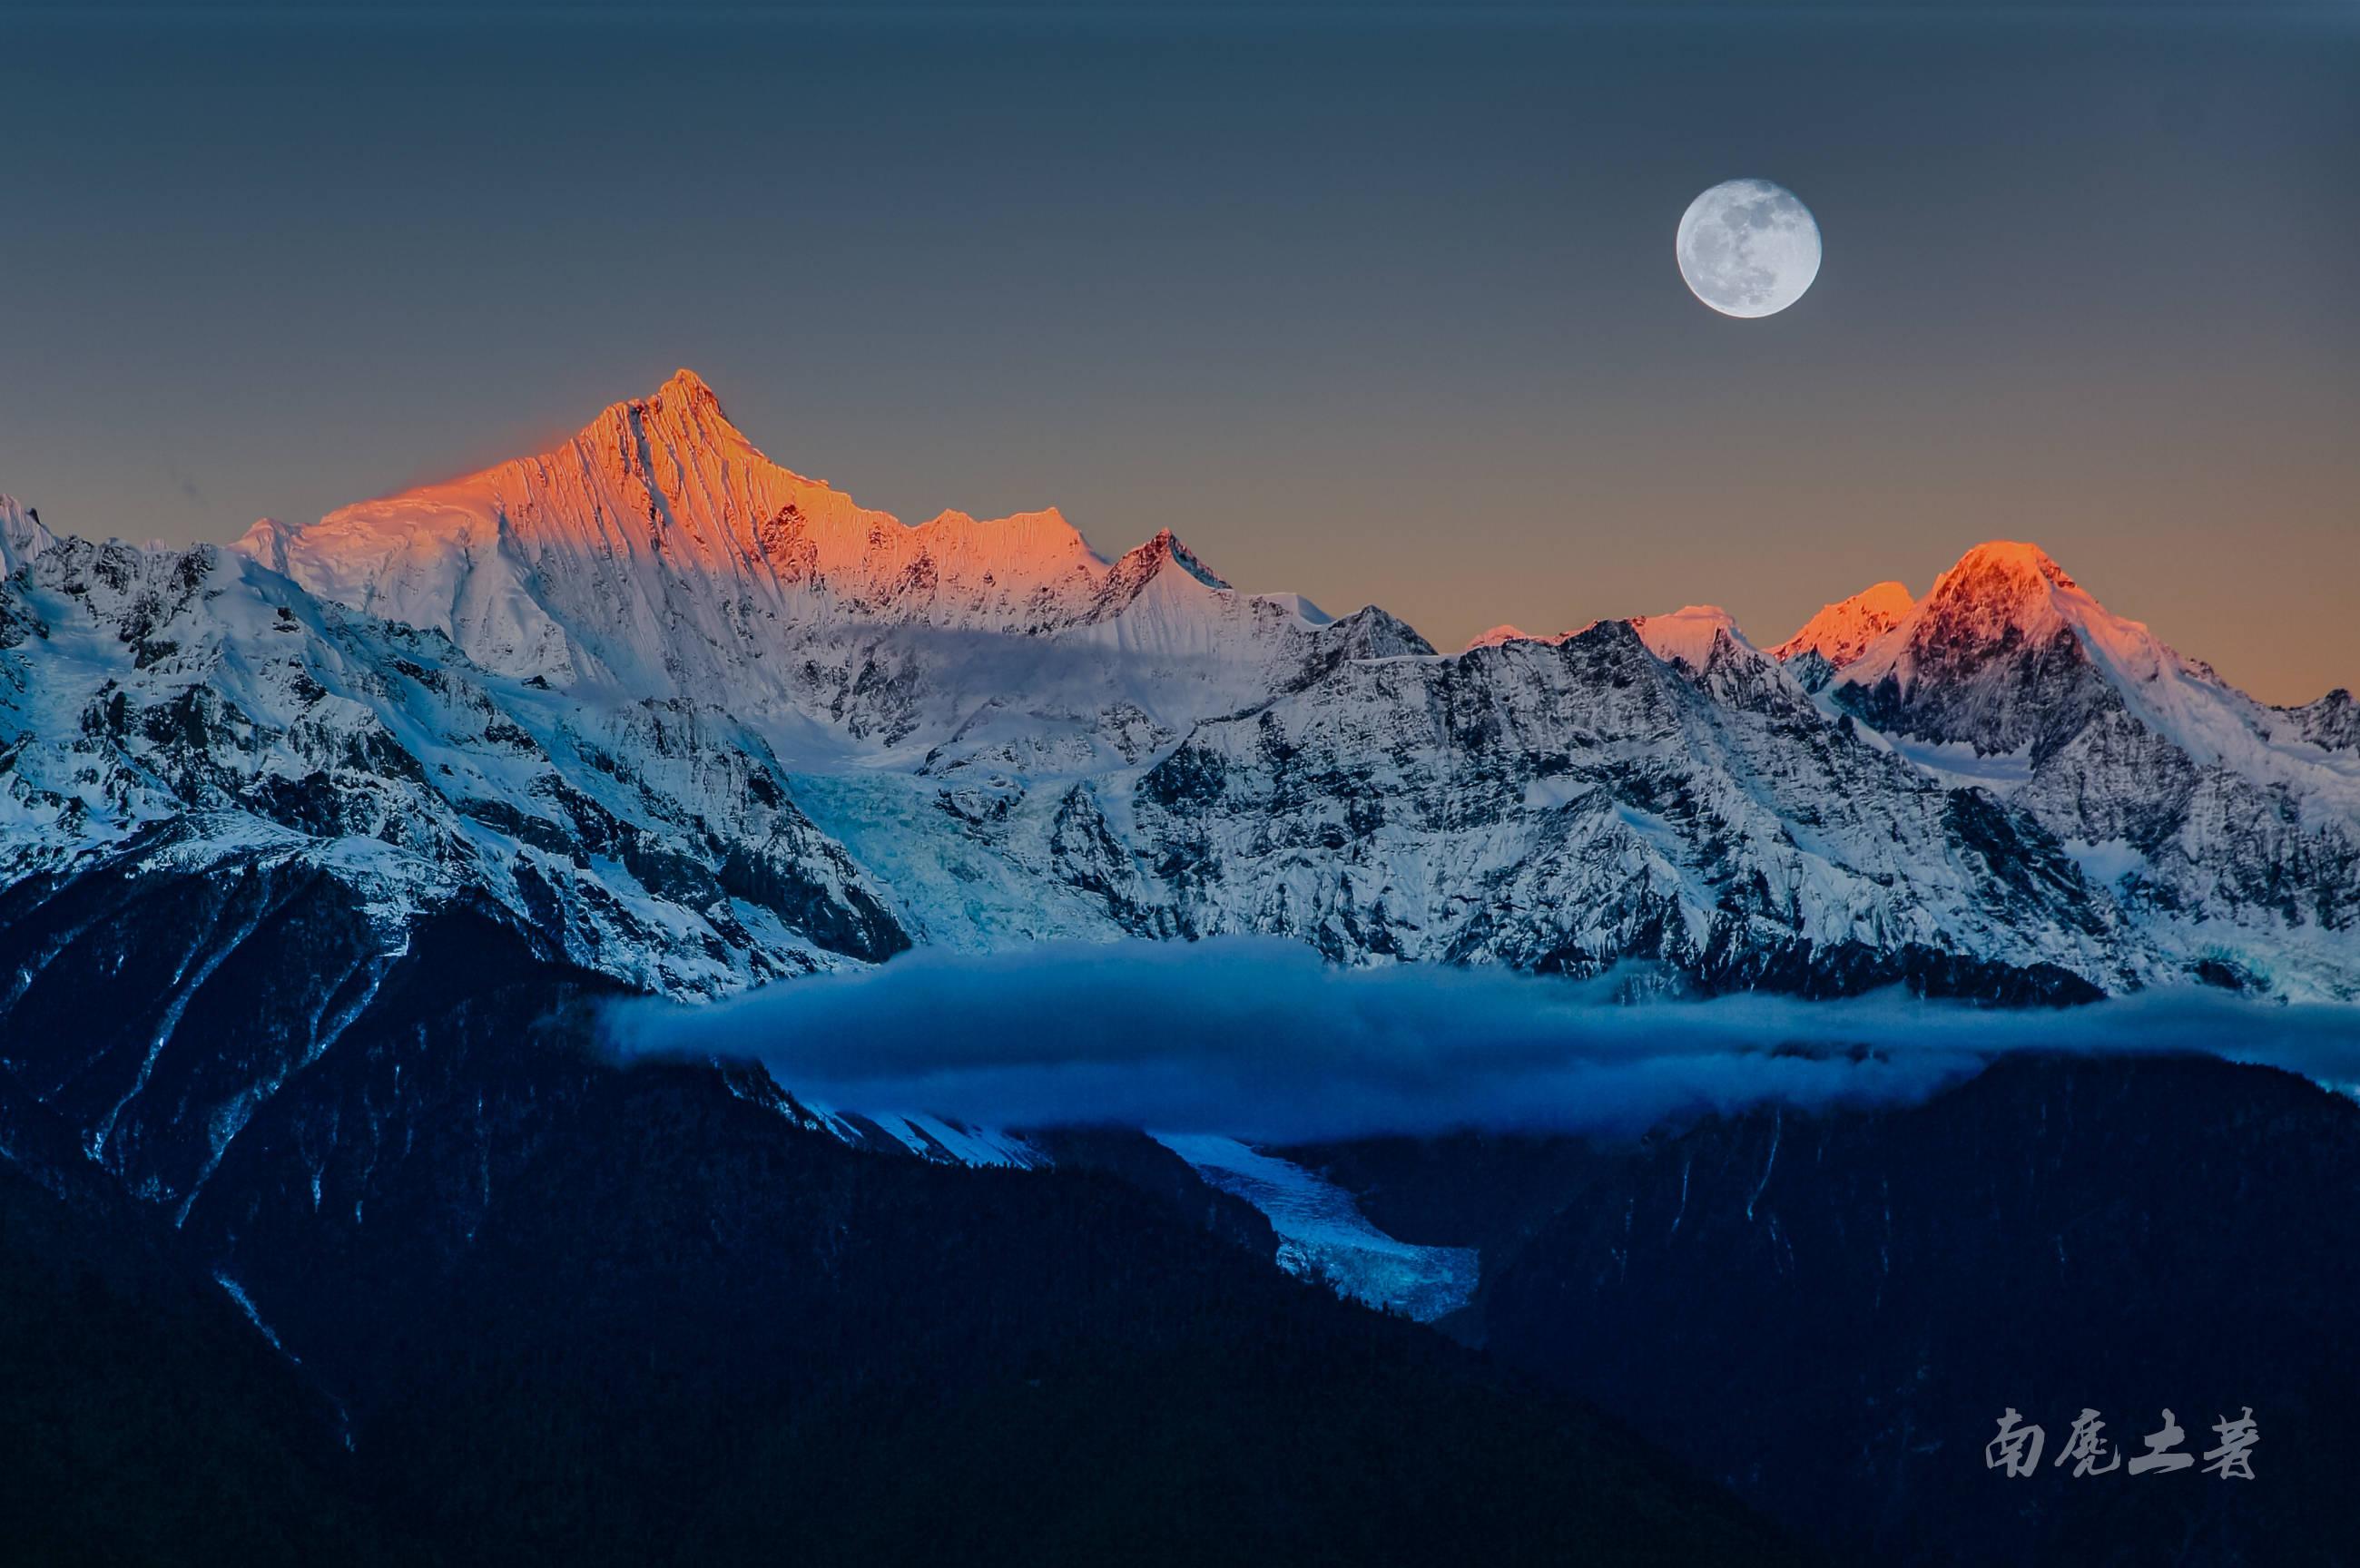 你想往的日照金山,这个观景台视野最好交通最方便,还是藏区八大神山之一